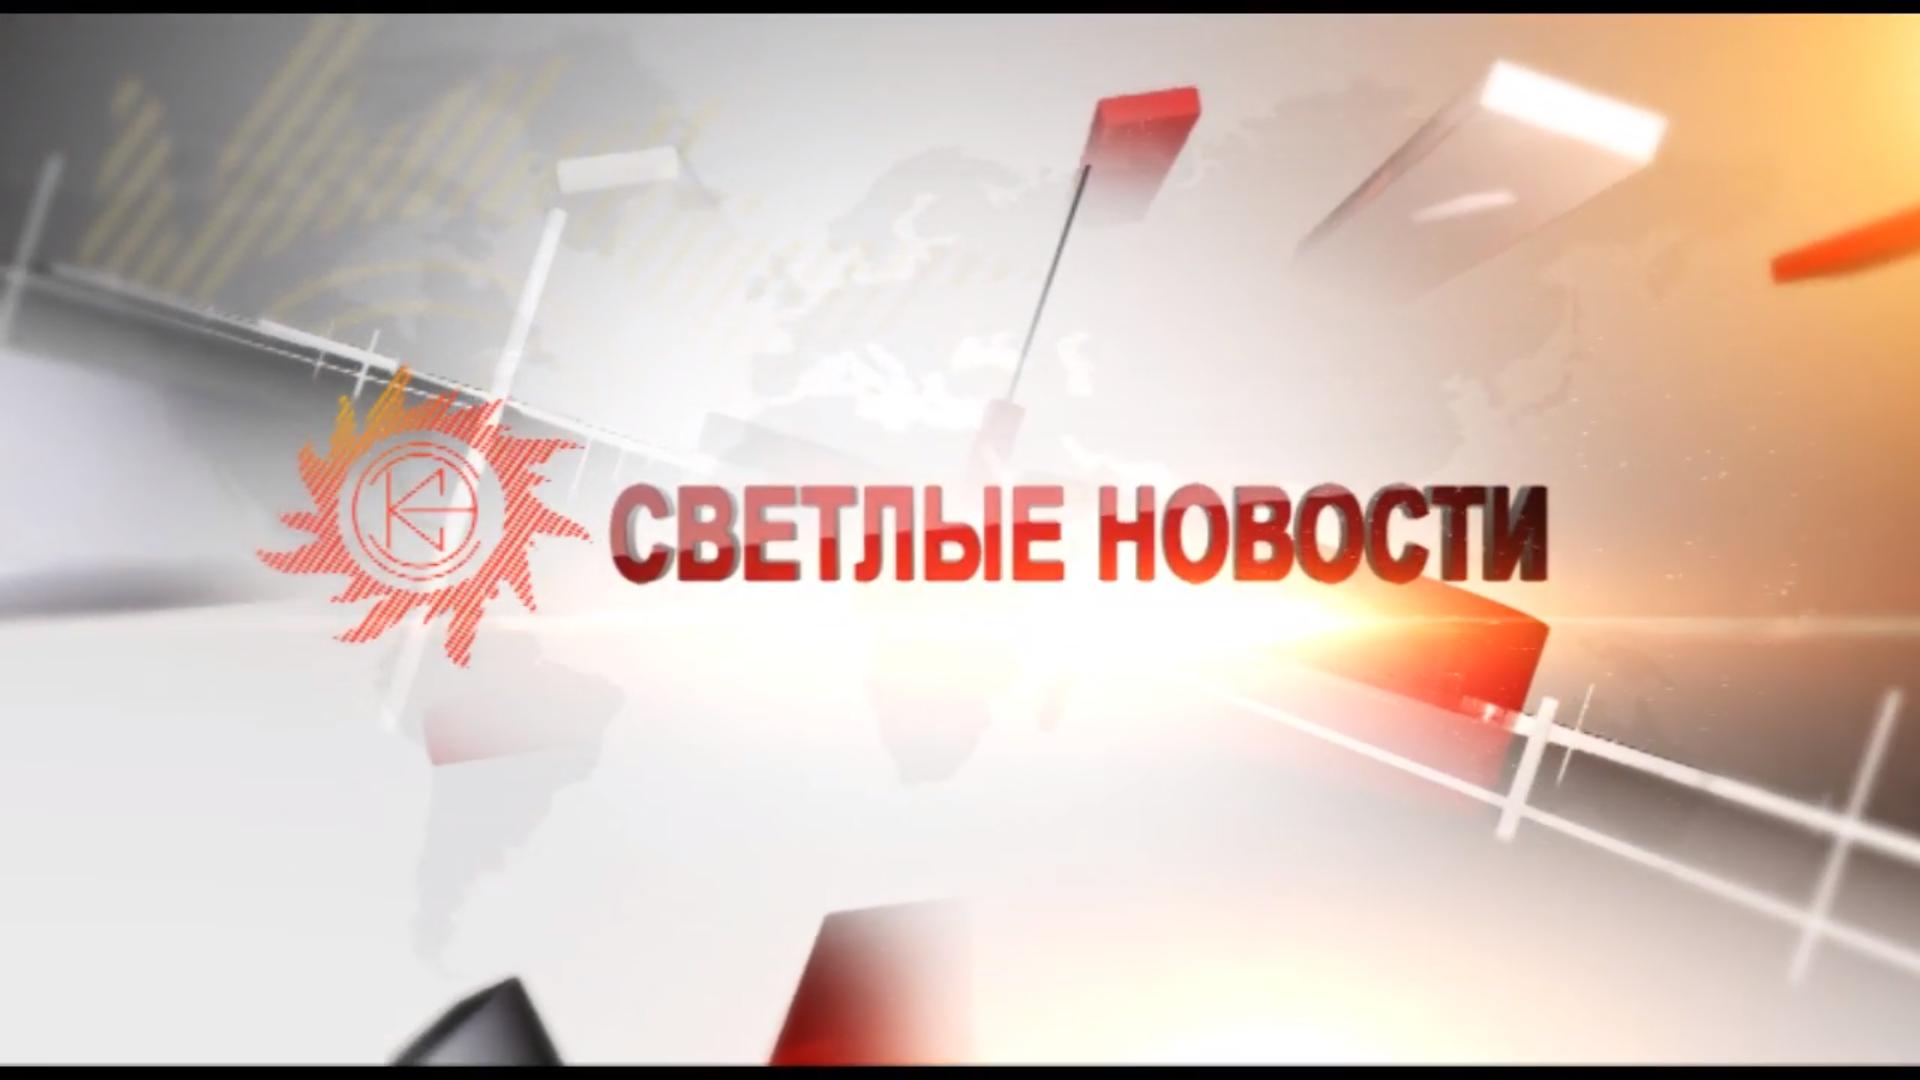 Светлые новости Выпуск 73